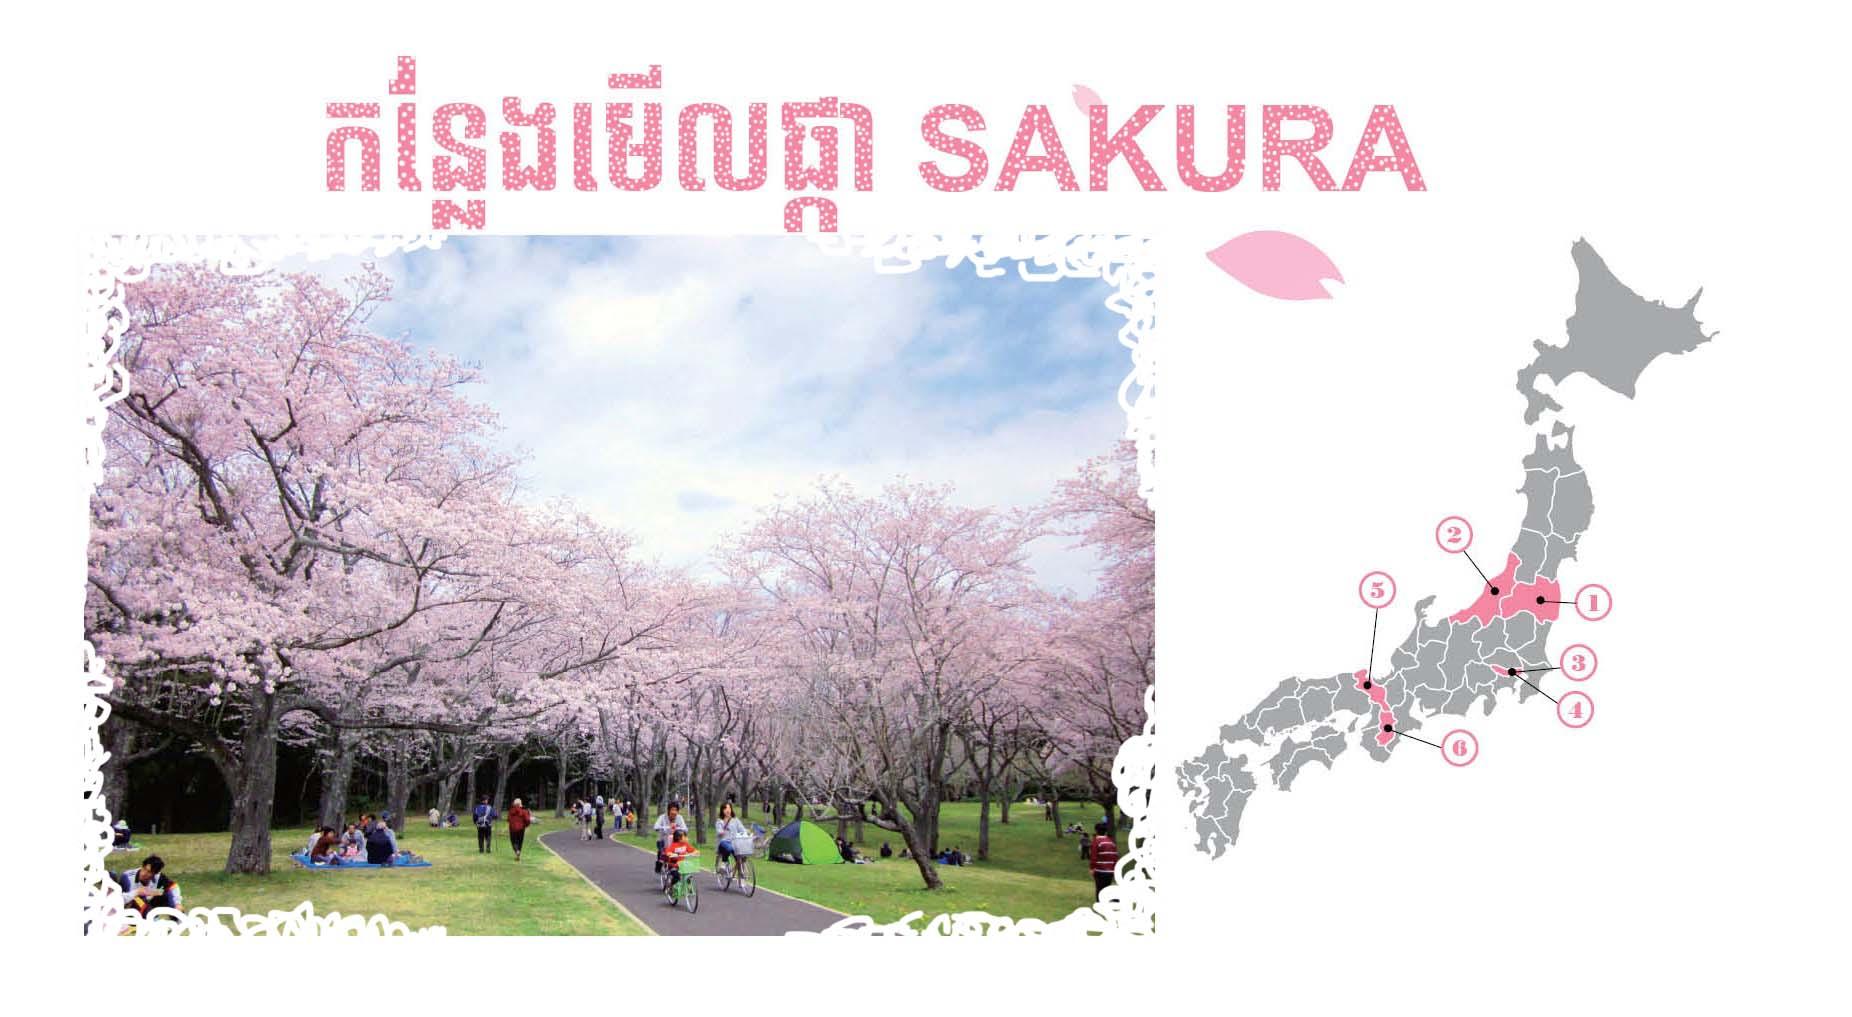 កន្លែងមើលផ្កា SAKURA 【Special2】